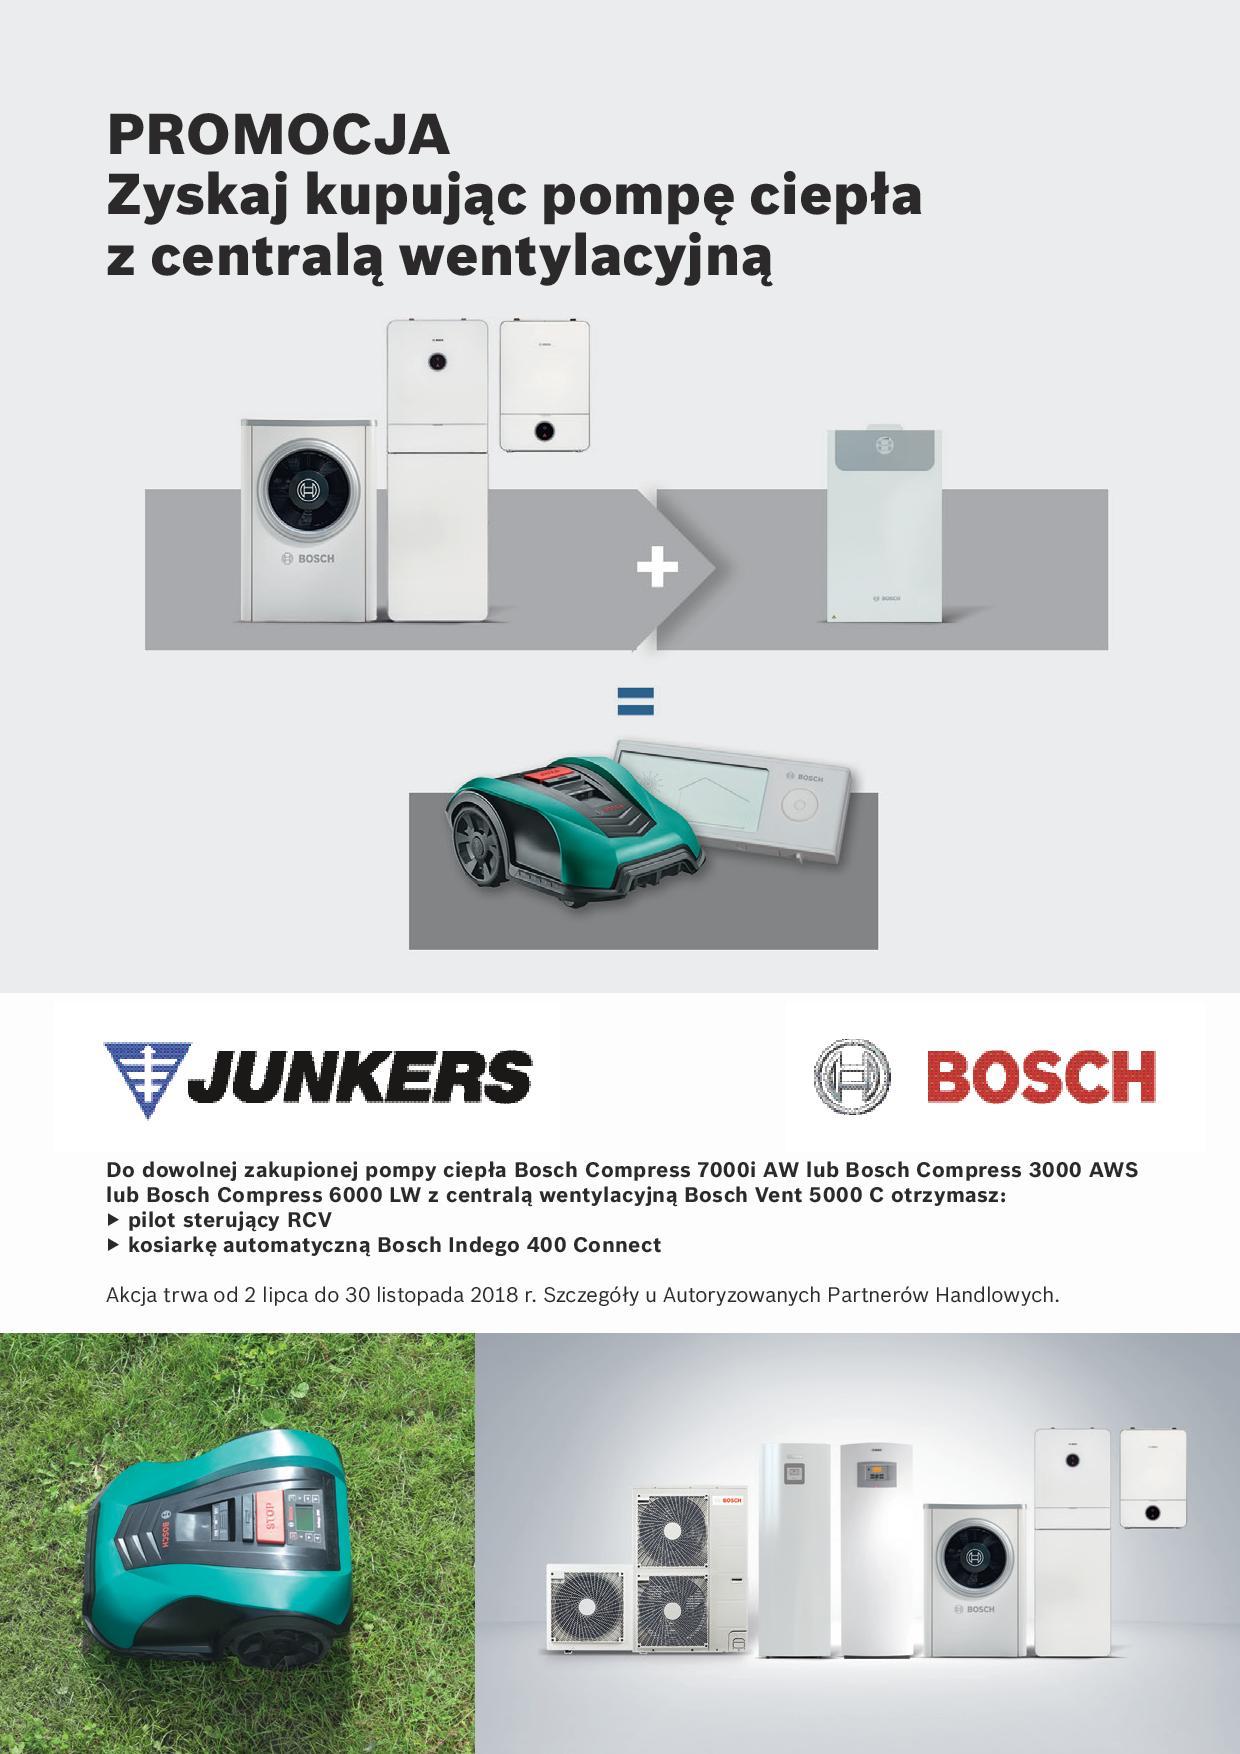 JUNKERS-BOSCH - promocja pompa ciepła do c.o. z centralą wentylacyjną